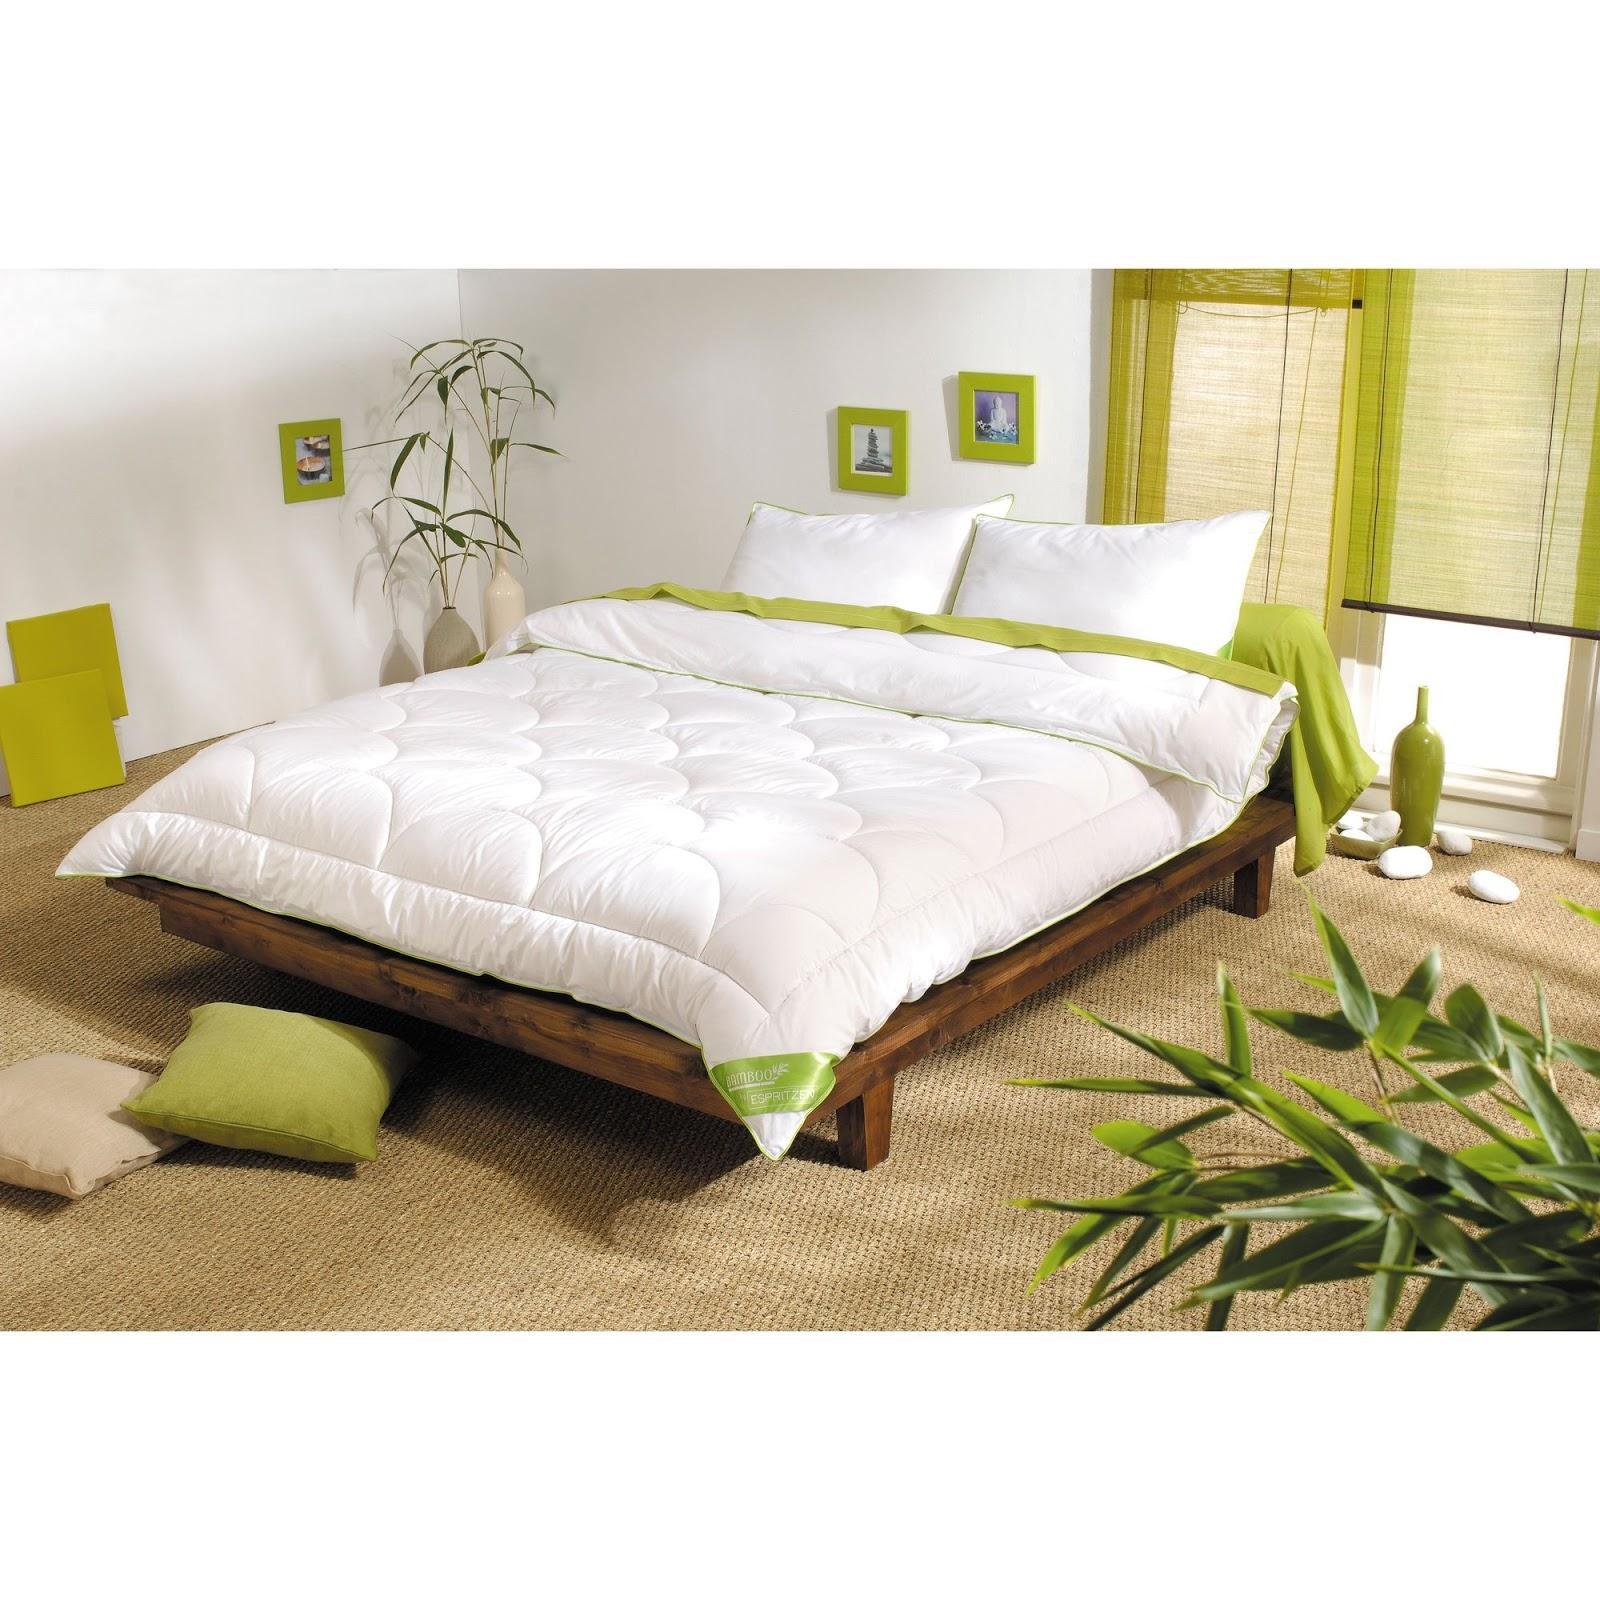 le blog de la literie et du sommeil quels crit res pour choisir une couette. Black Bedroom Furniture Sets. Home Design Ideas